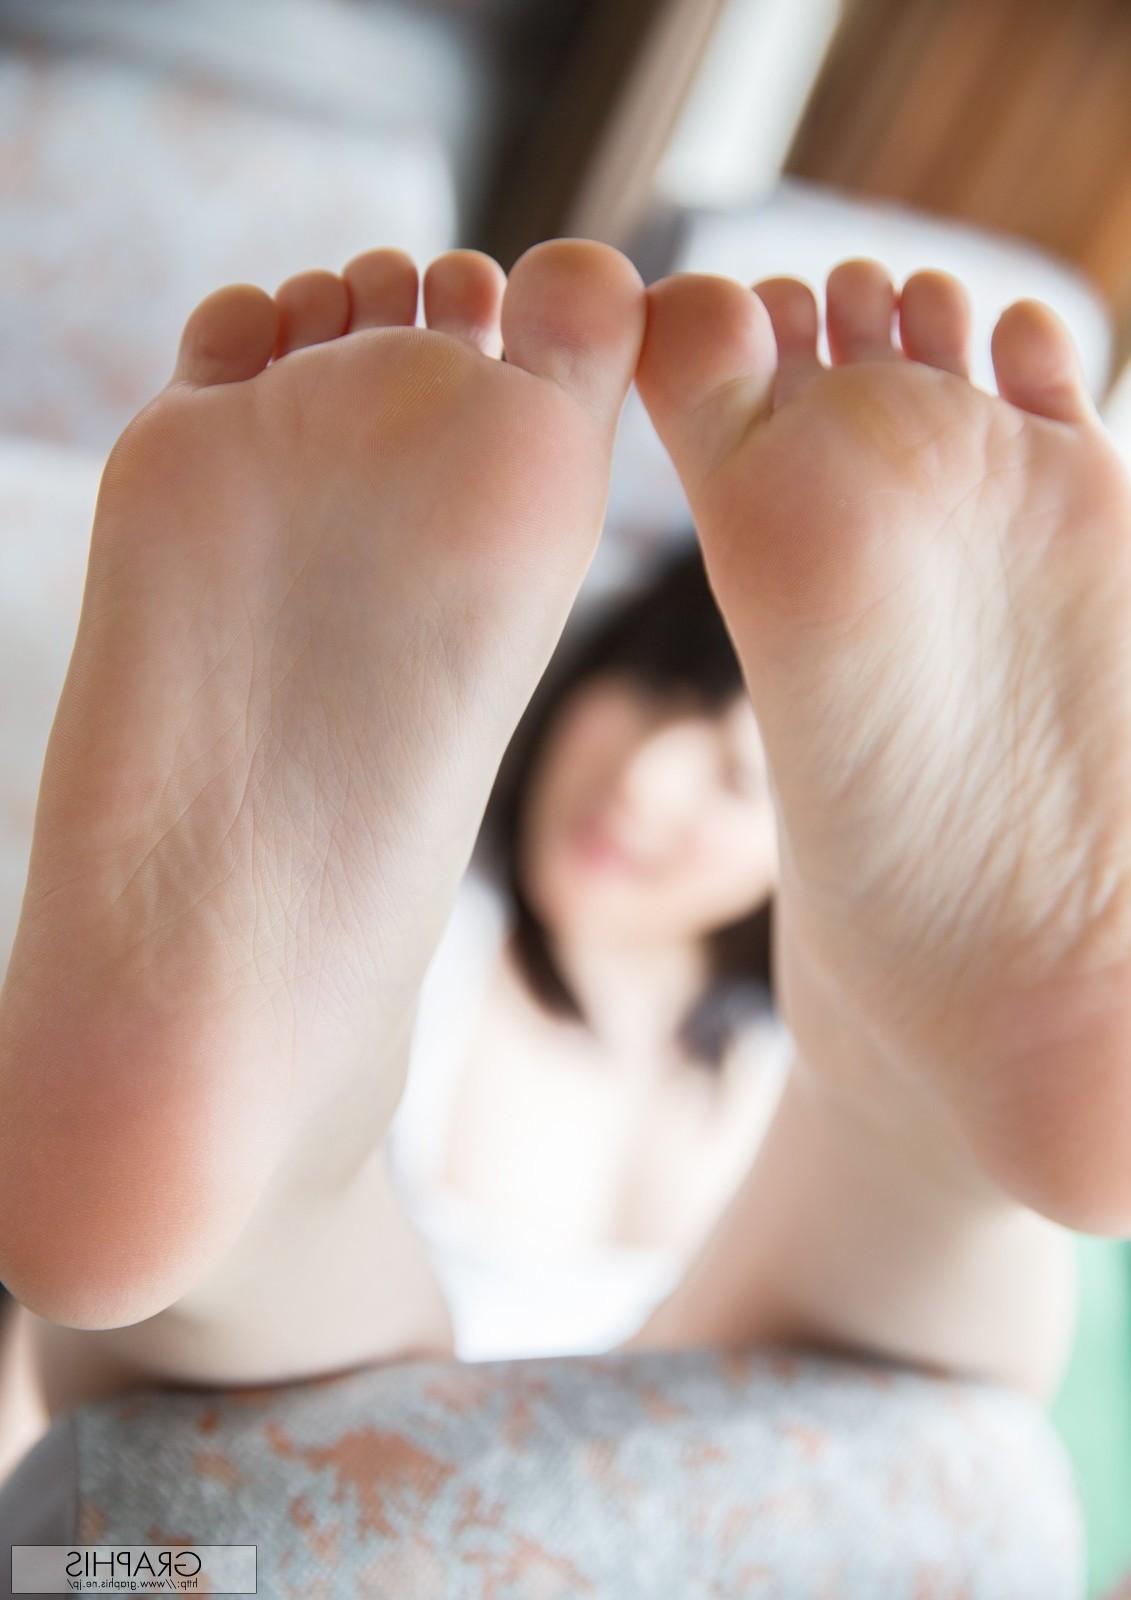 Онлайн кино азиатки пальцы ног